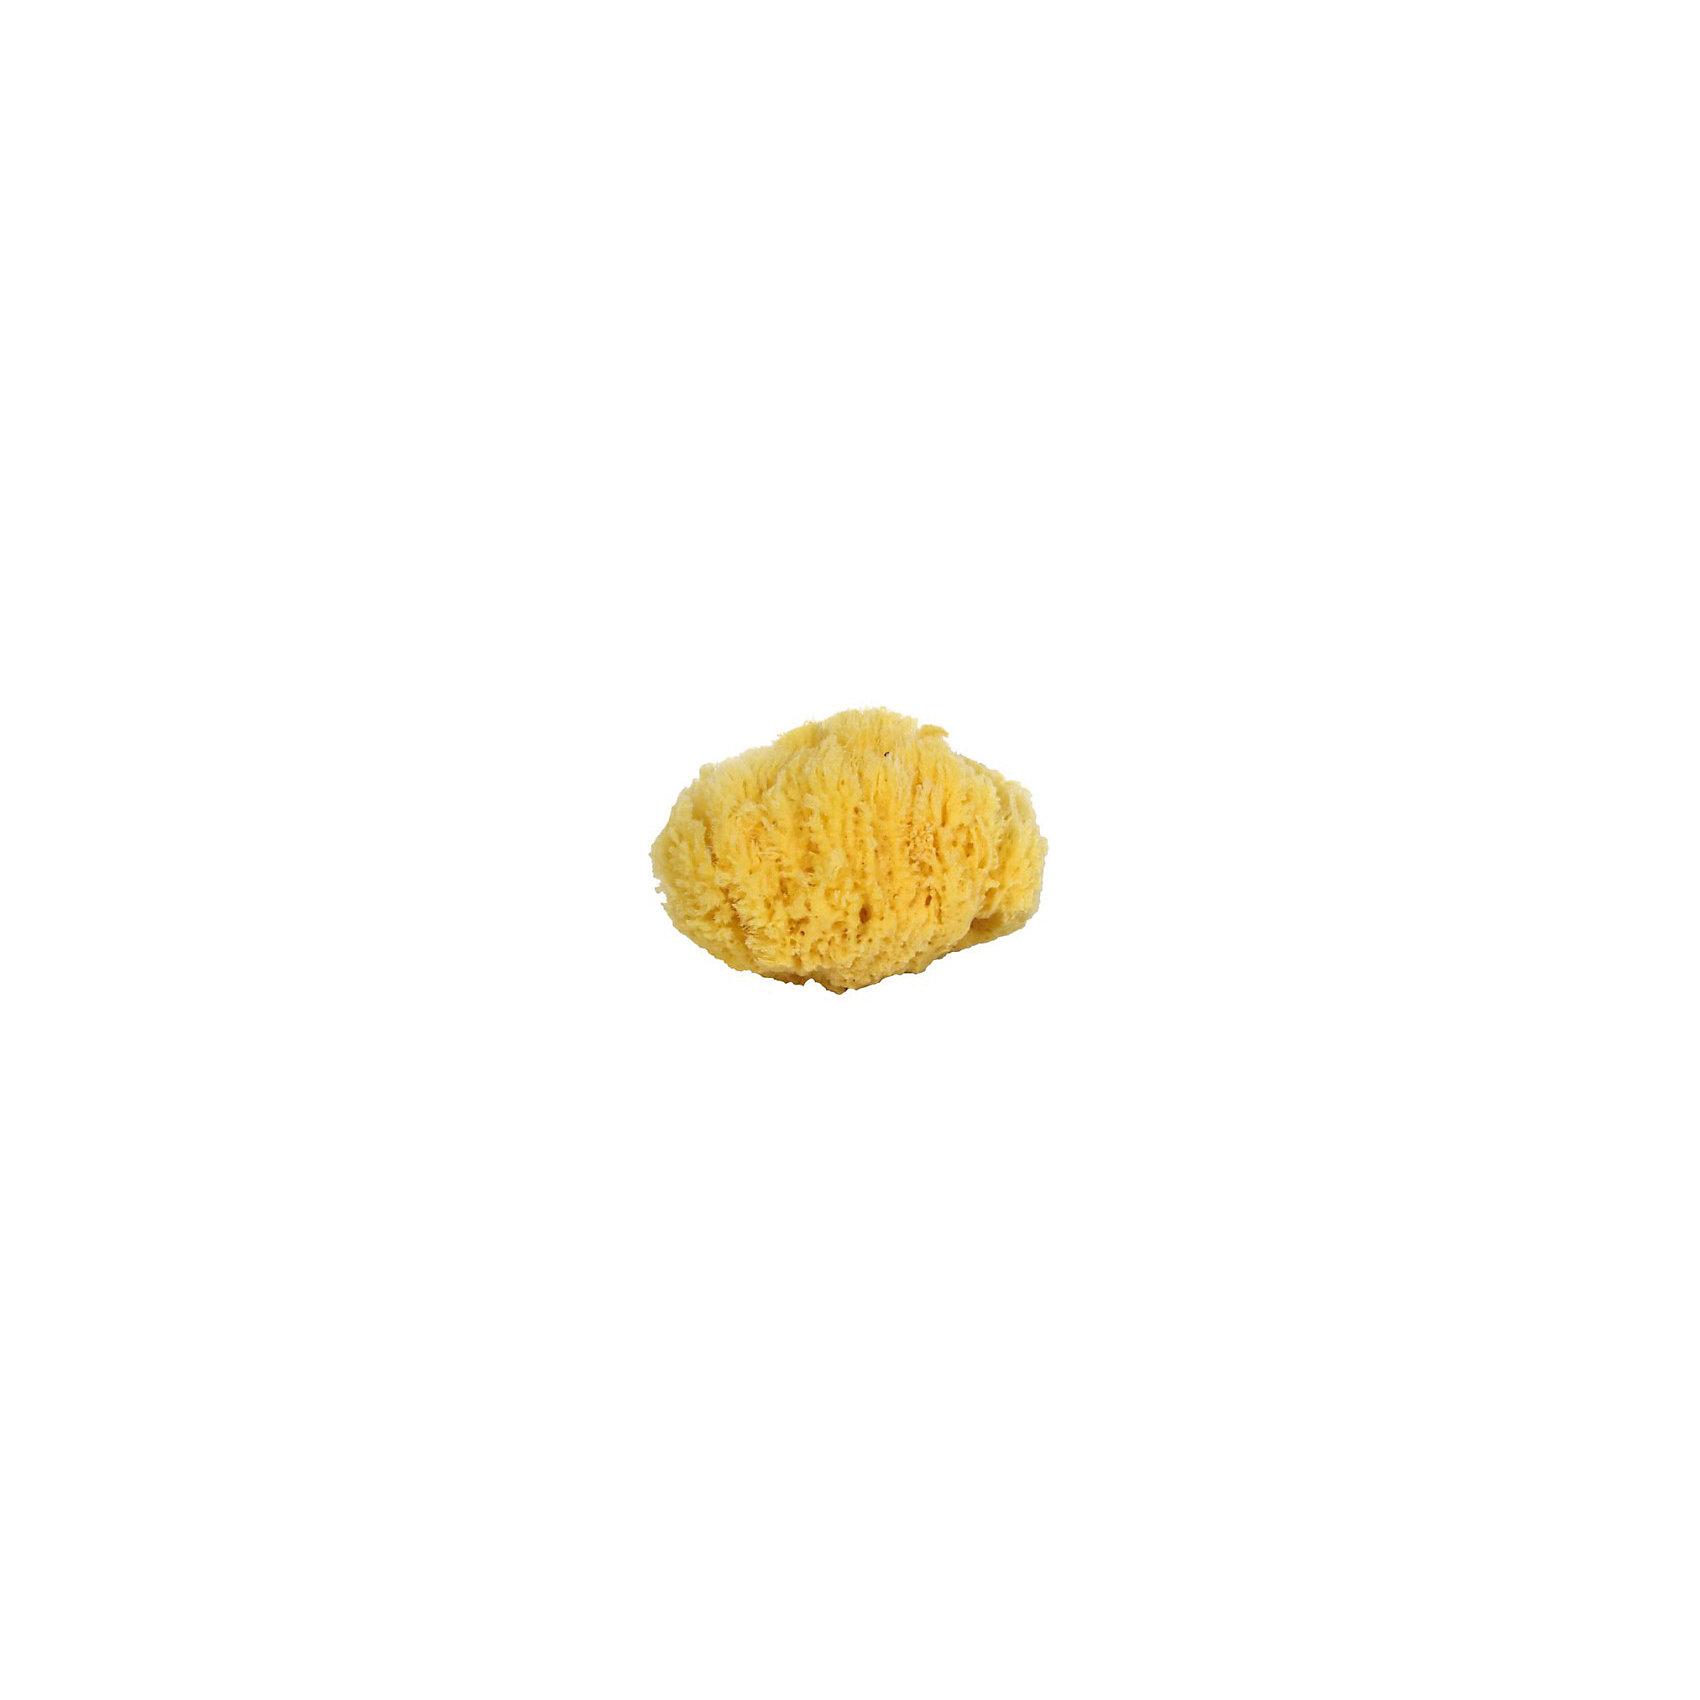 Губка натуральная морская детская (4.5 - 5.0 дюймов) Файн Силк, 7 морейПолотенца, мочалки, халаты<br>Губка натуральная морская детская (4.5 - 5.0 дюймов) Файн Силк, 7 морей - впустите атмосферу моря и отдыха в ваш дом! Эта особенная мягкая губка натурального происхождения имеет бактерицидные свойства и хорошо подойдет для мытья детей с момента появления на свет. Губка очень бережно и деликатно очищает нежную кожу, благотворно влияя на нее. Морская губка подойдет и родителям, она гипоаллергенна, не высушивает кожу и не провоцирует высыпаний. Пользуясь такой губочкой вы обеспечите более полную чистоту и сэкономите используемое средство для очищения кожи. Губки Файн Силк особенного мягки, в виду маленьких пор, и прослужат вам долго (до двух лет). Такие губки не любят воду очень высокой температуры. Производители не советуют сушку под прямыми солнечными лучами, хранение губки в шапочках для плавания или полиэтиленовых пакетах, а также отжим путем скручивая. Рекомендуется хорошо помыть губку мягким моющим мылом и аккуратно выжать воду.<br><br>Дополнительная информация:<br>- Размер:  примерно 11 * 13 см.<br><br>Губку натуральную морскую детскую (4.5 - 5.0 дюймов) Файн Силк, 7 морей можно купить в нашем интернет-магазине.<br>Подробнее:<br>• Для детей в возрасте: от 0 лет<br>• Номер товара: 5008282 <br>Страна производитель: Российская Федерация<br><br>Ширина мм: 100<br>Глубина мм: 100<br>Высота мм: 50<br>Вес г: 100<br>Возраст от месяцев: 0<br>Возраст до месяцев: 36<br>Пол: Унисекс<br>Возраст: Детский<br>SKU: 5008282